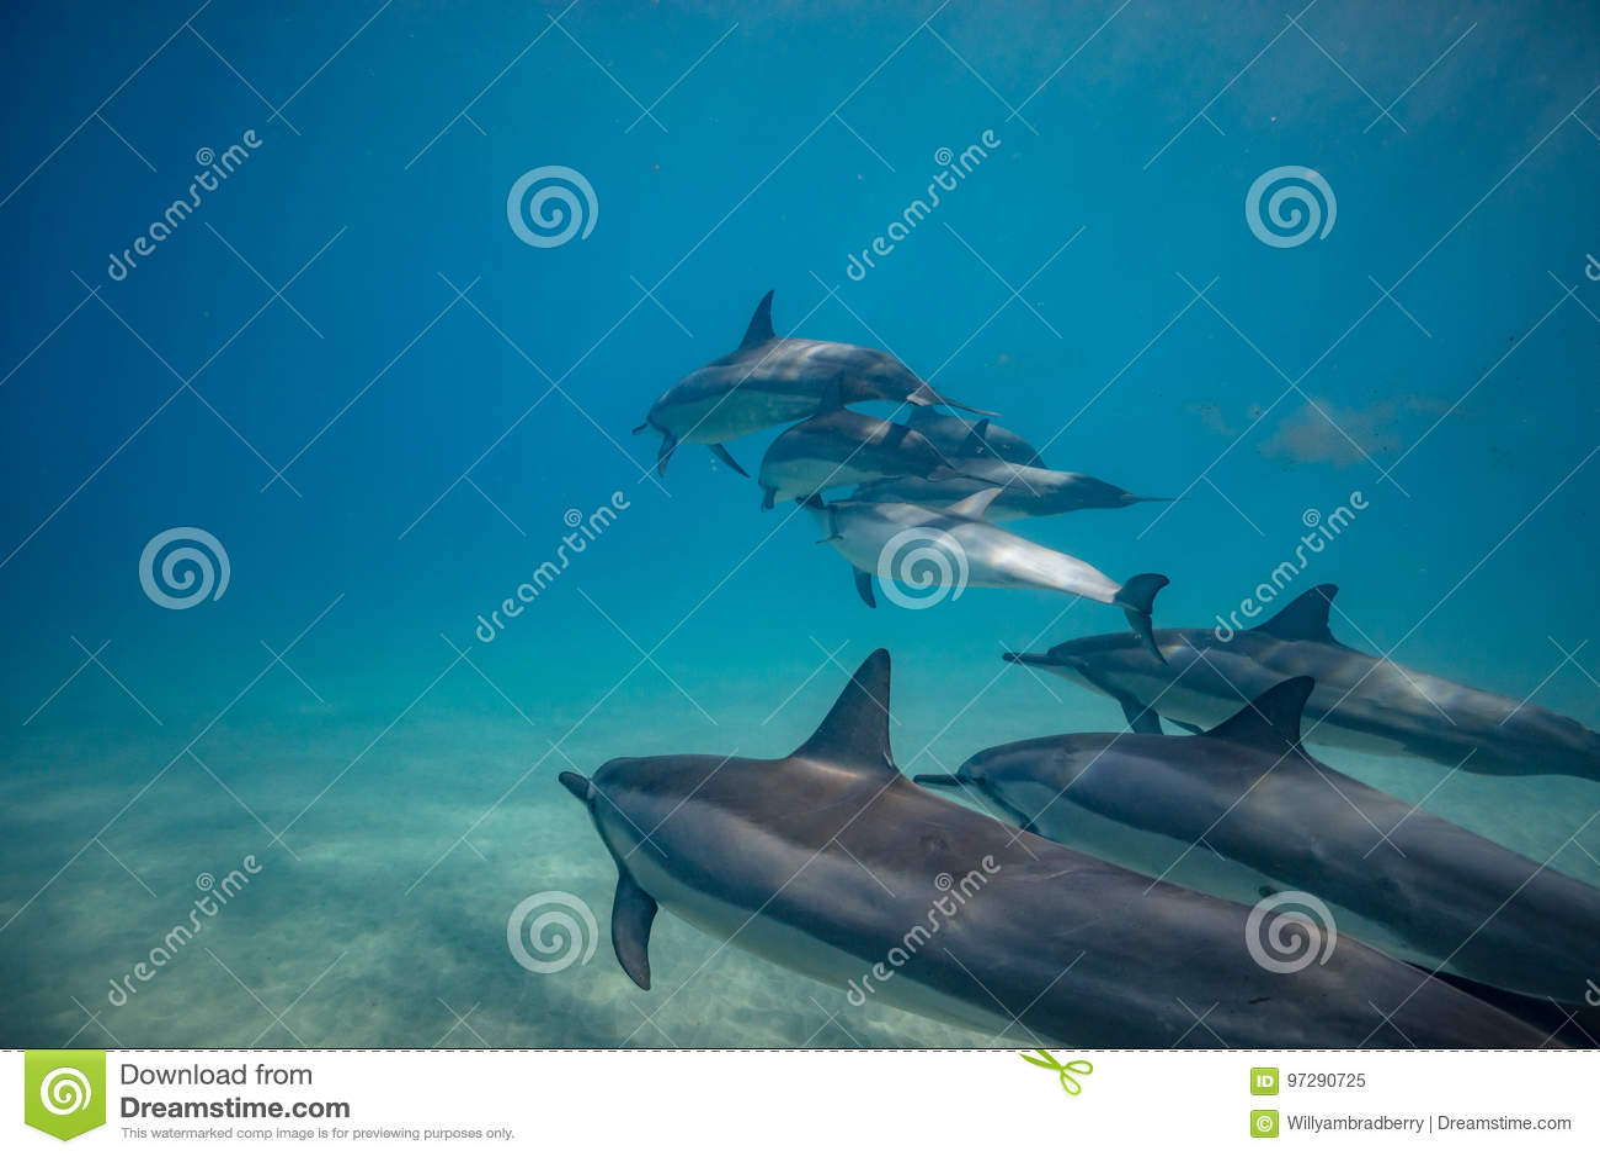 Dzicy delfiny podwodni w głębokim błękitnym oceanie